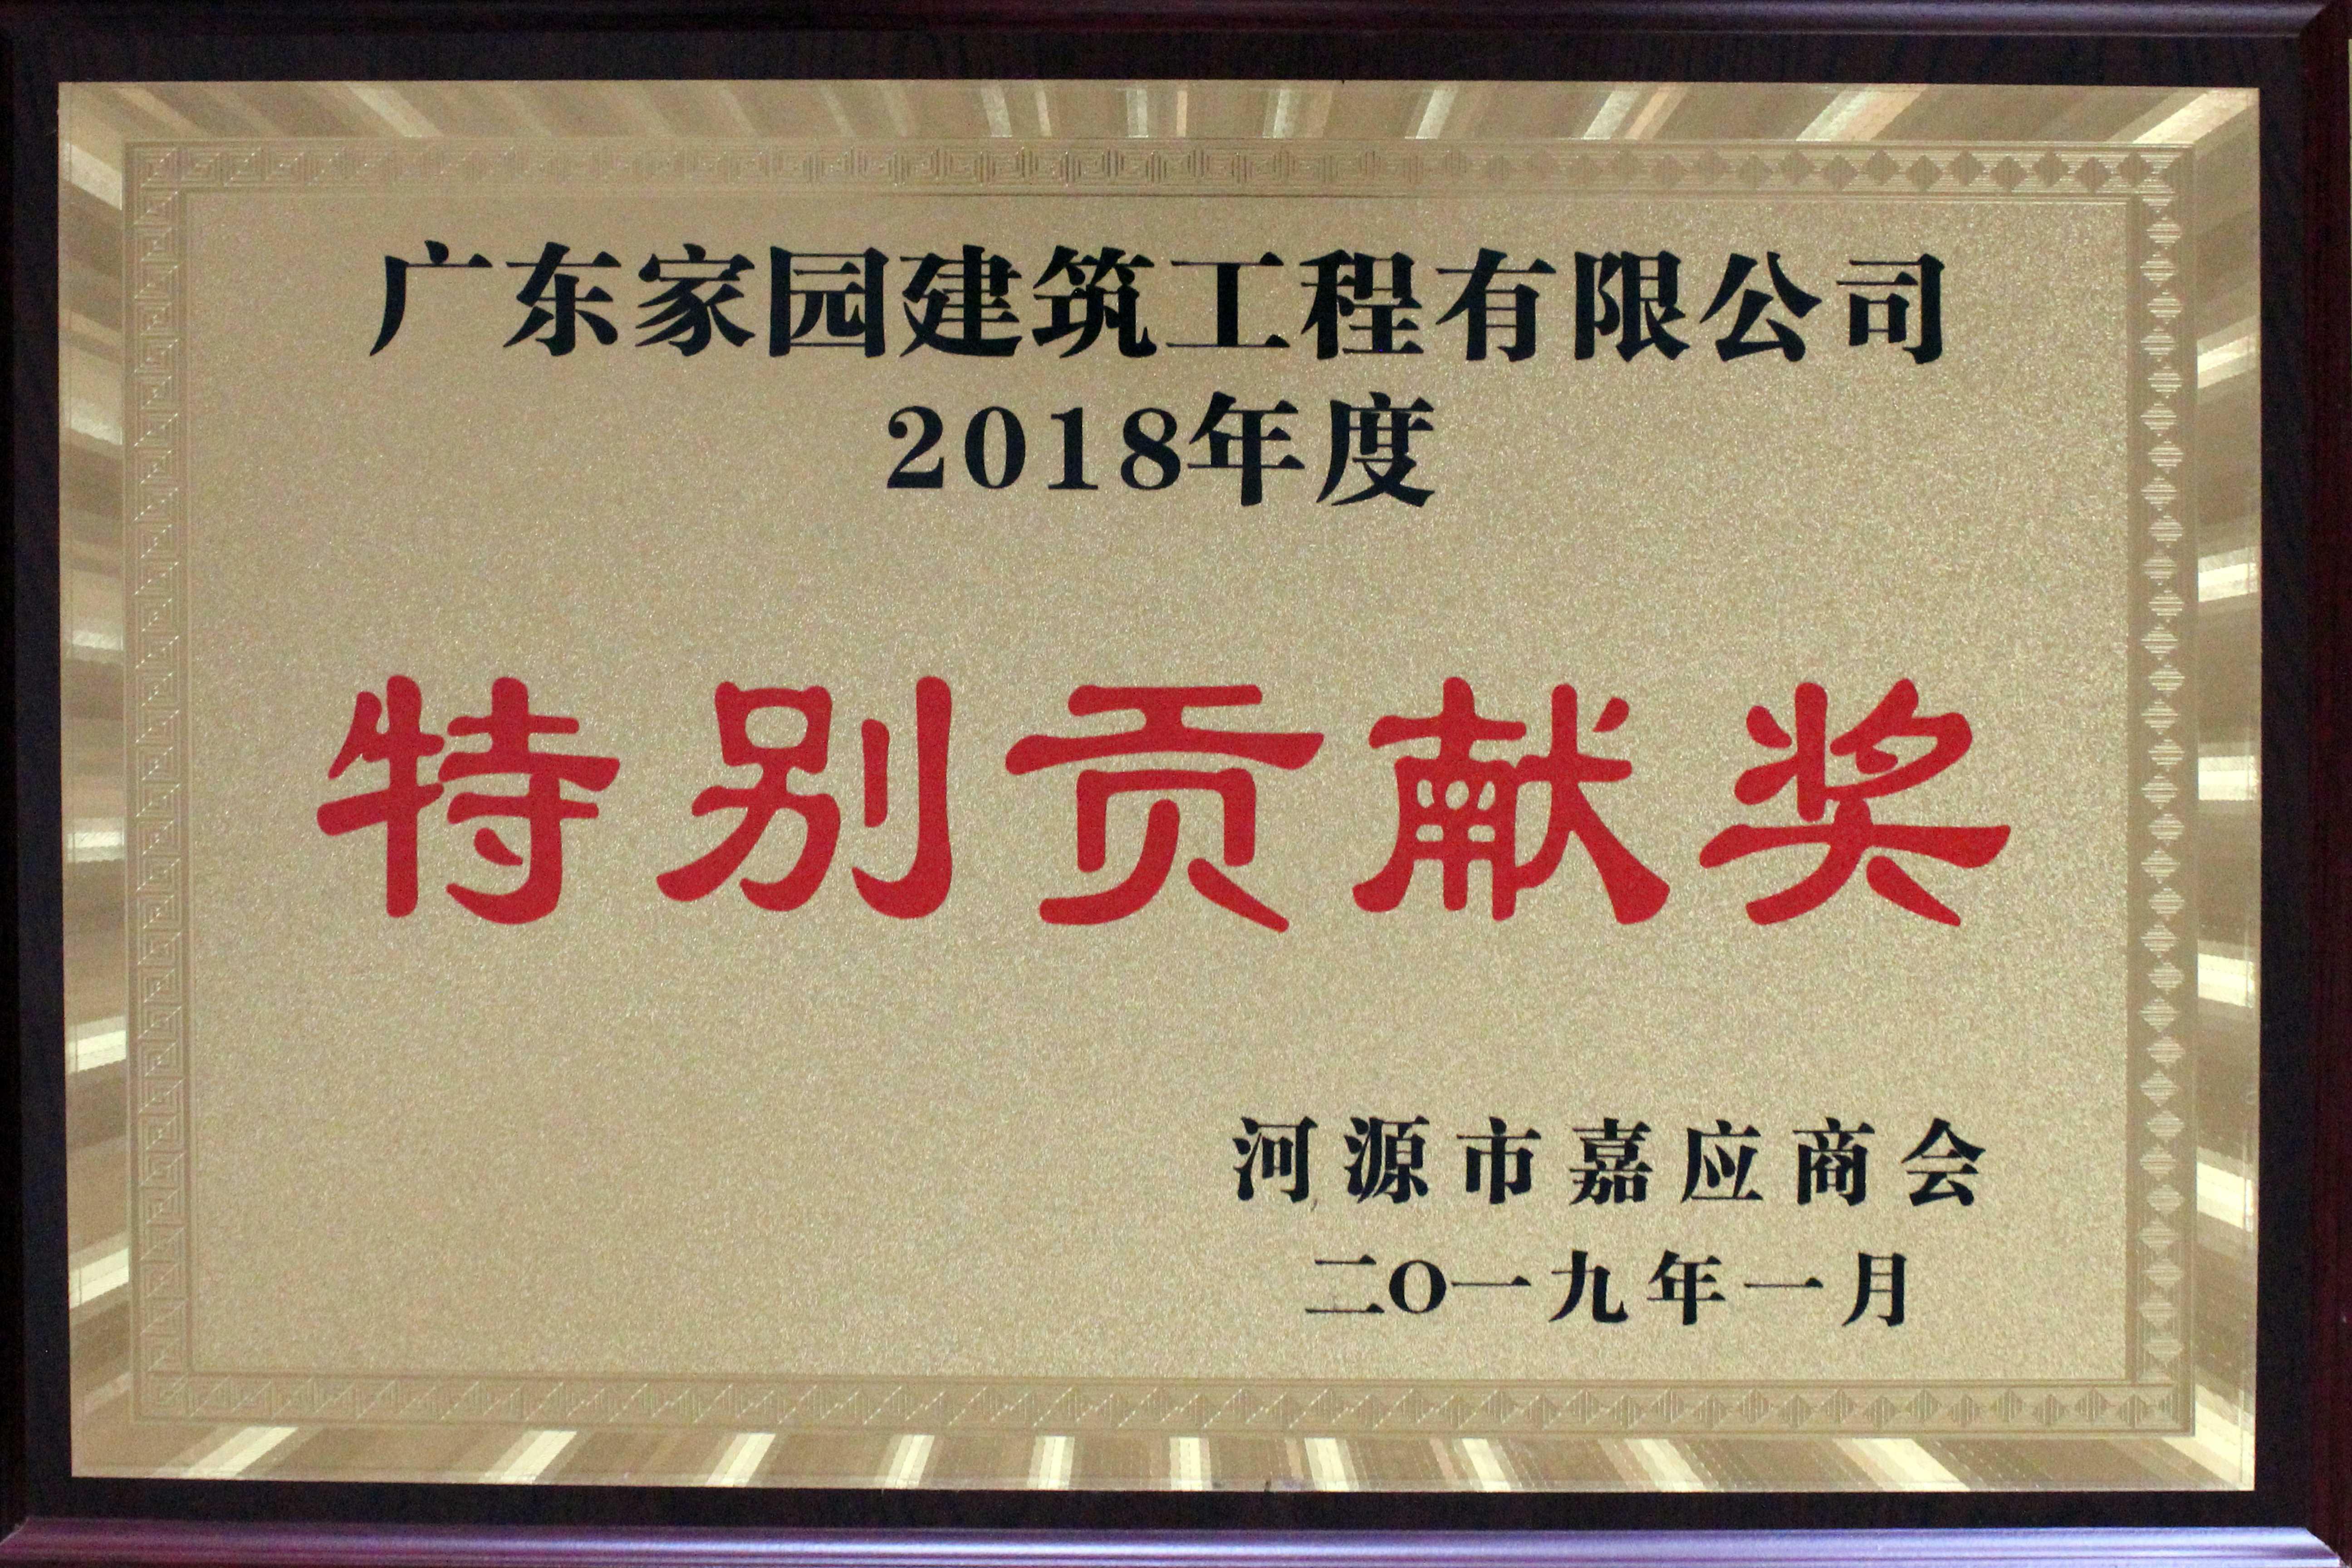 2018年度特別貢獻獎